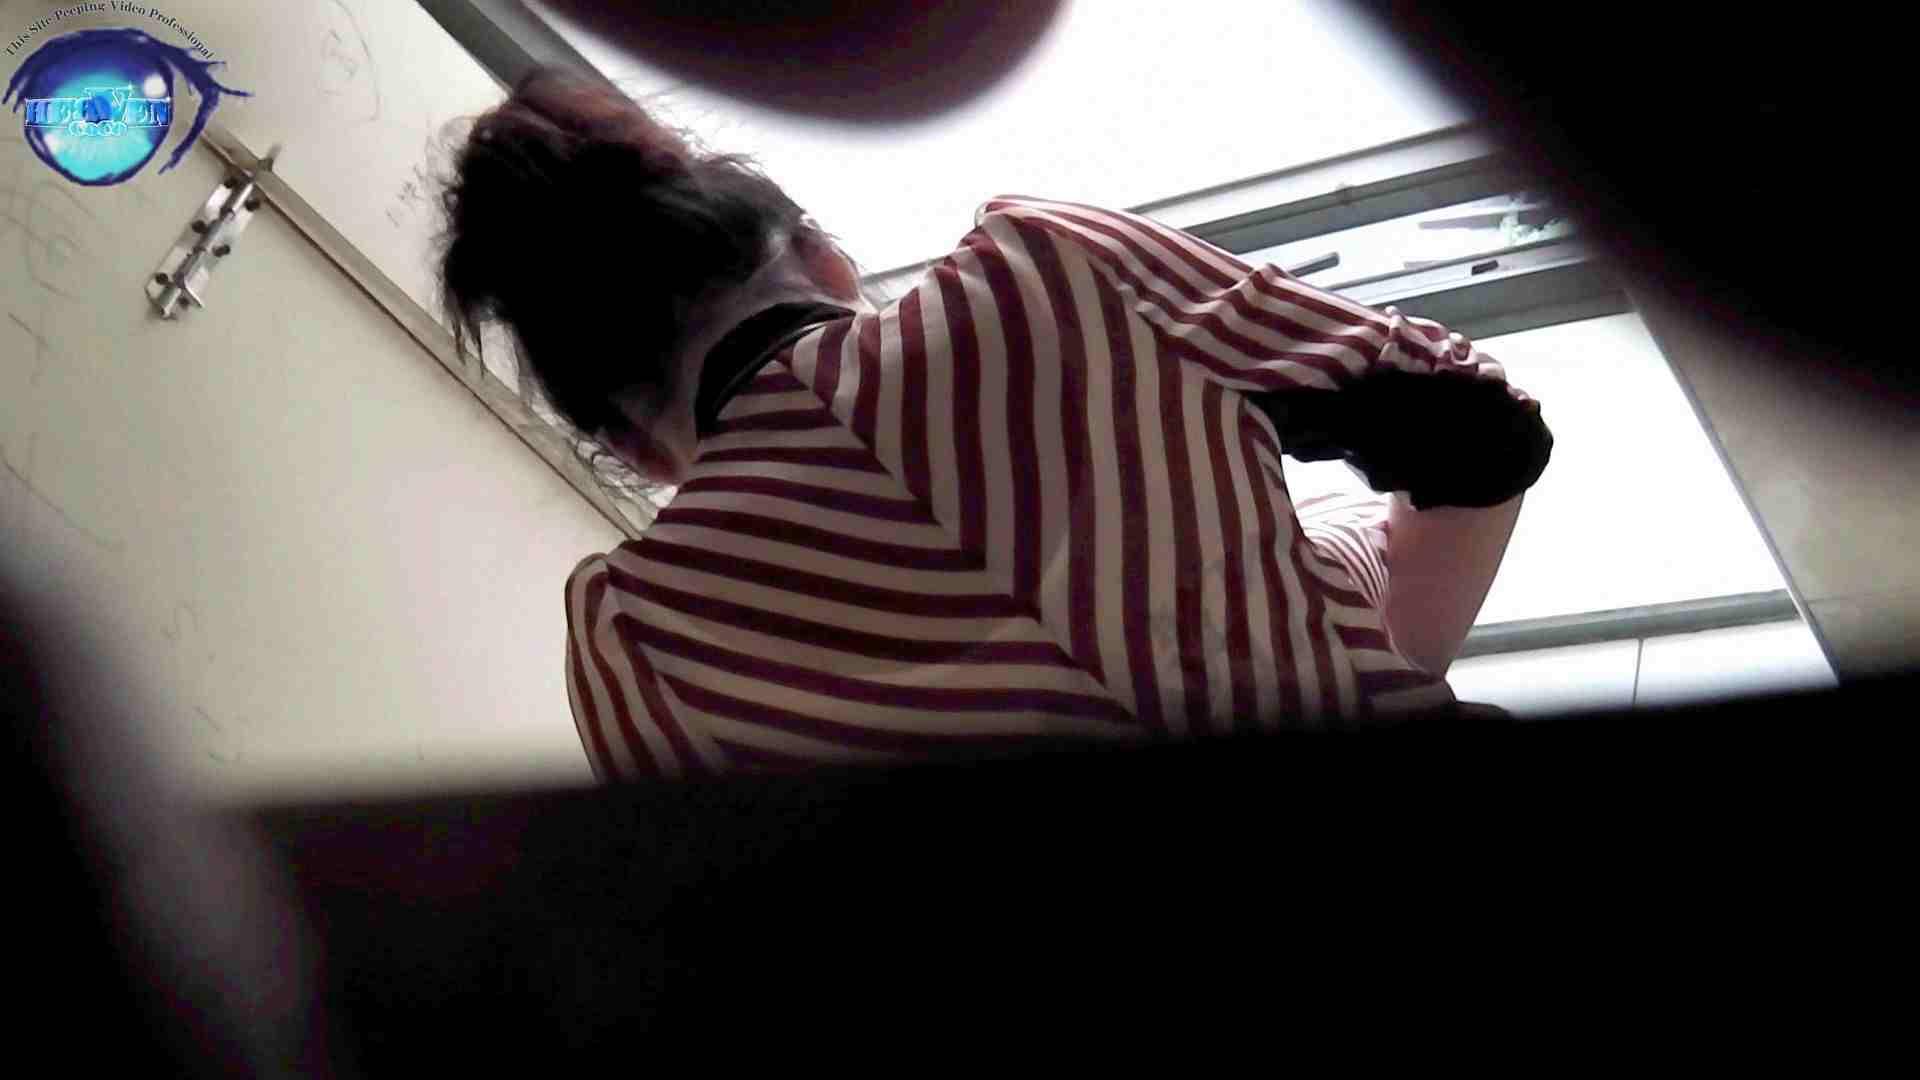 【世界の射窓から~ステーション編~】vol.28 無料動画に登場したモデルつい本番登場!!後編 本番映像 えろ無修正画像 93pic 74